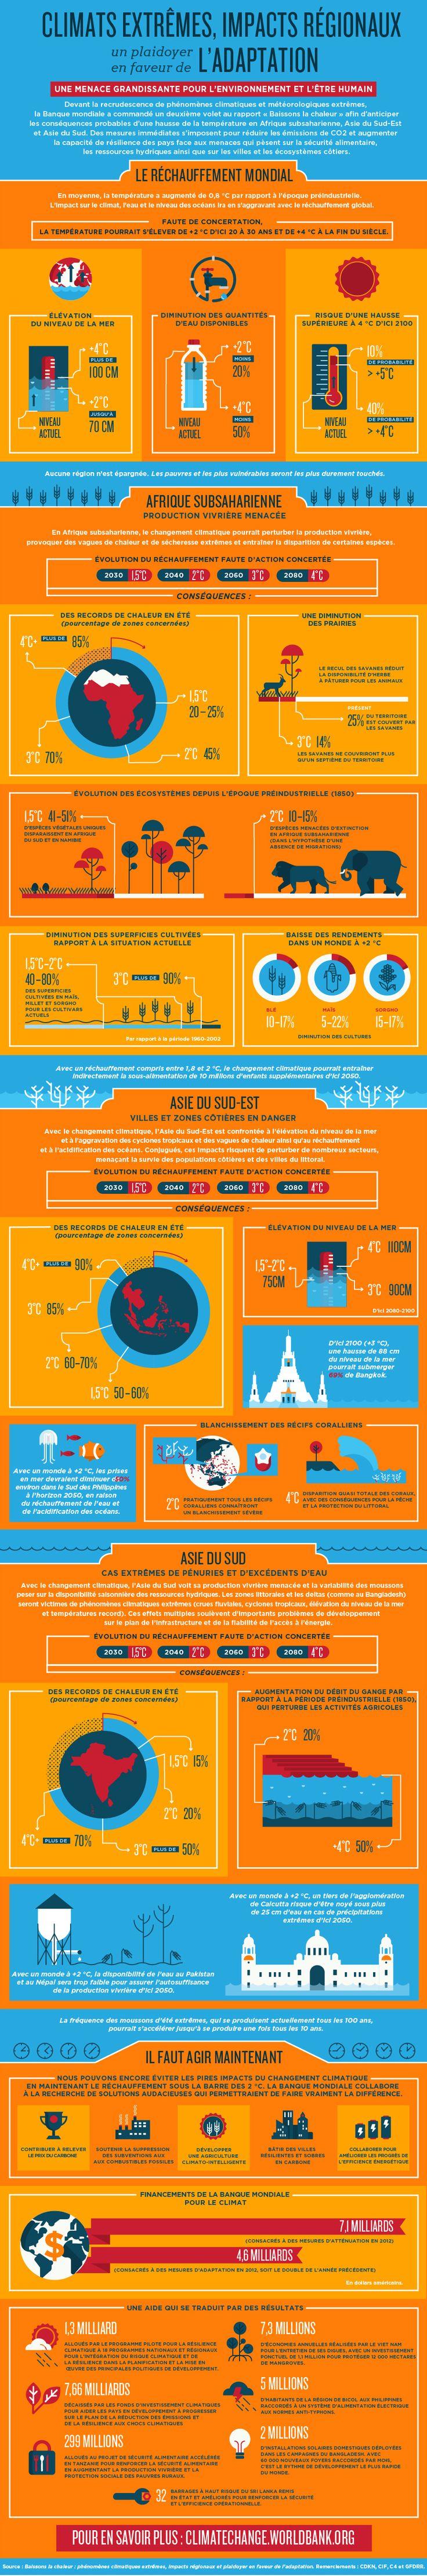 Quelles sont les conséquences des changements climatiques pour l'Afrique et l'Asie? Voir cette infographie de la Banque mondiale.